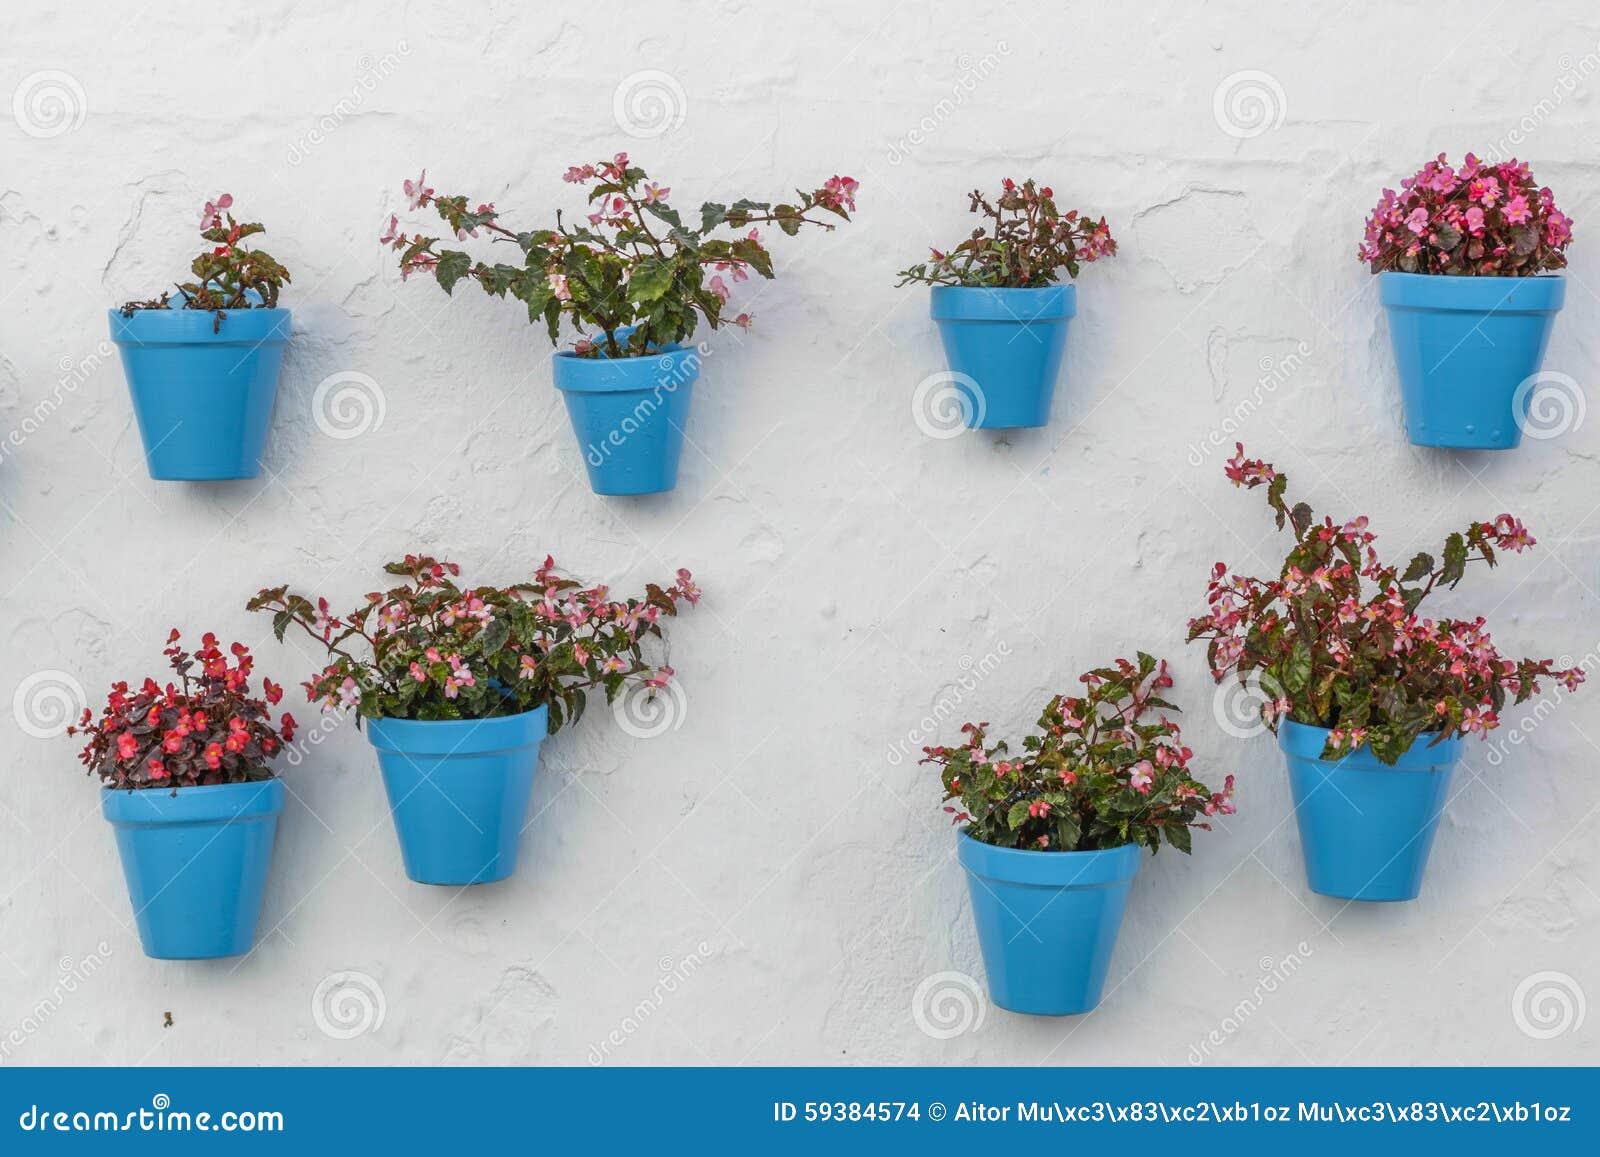 Blue flowerpot on a wall